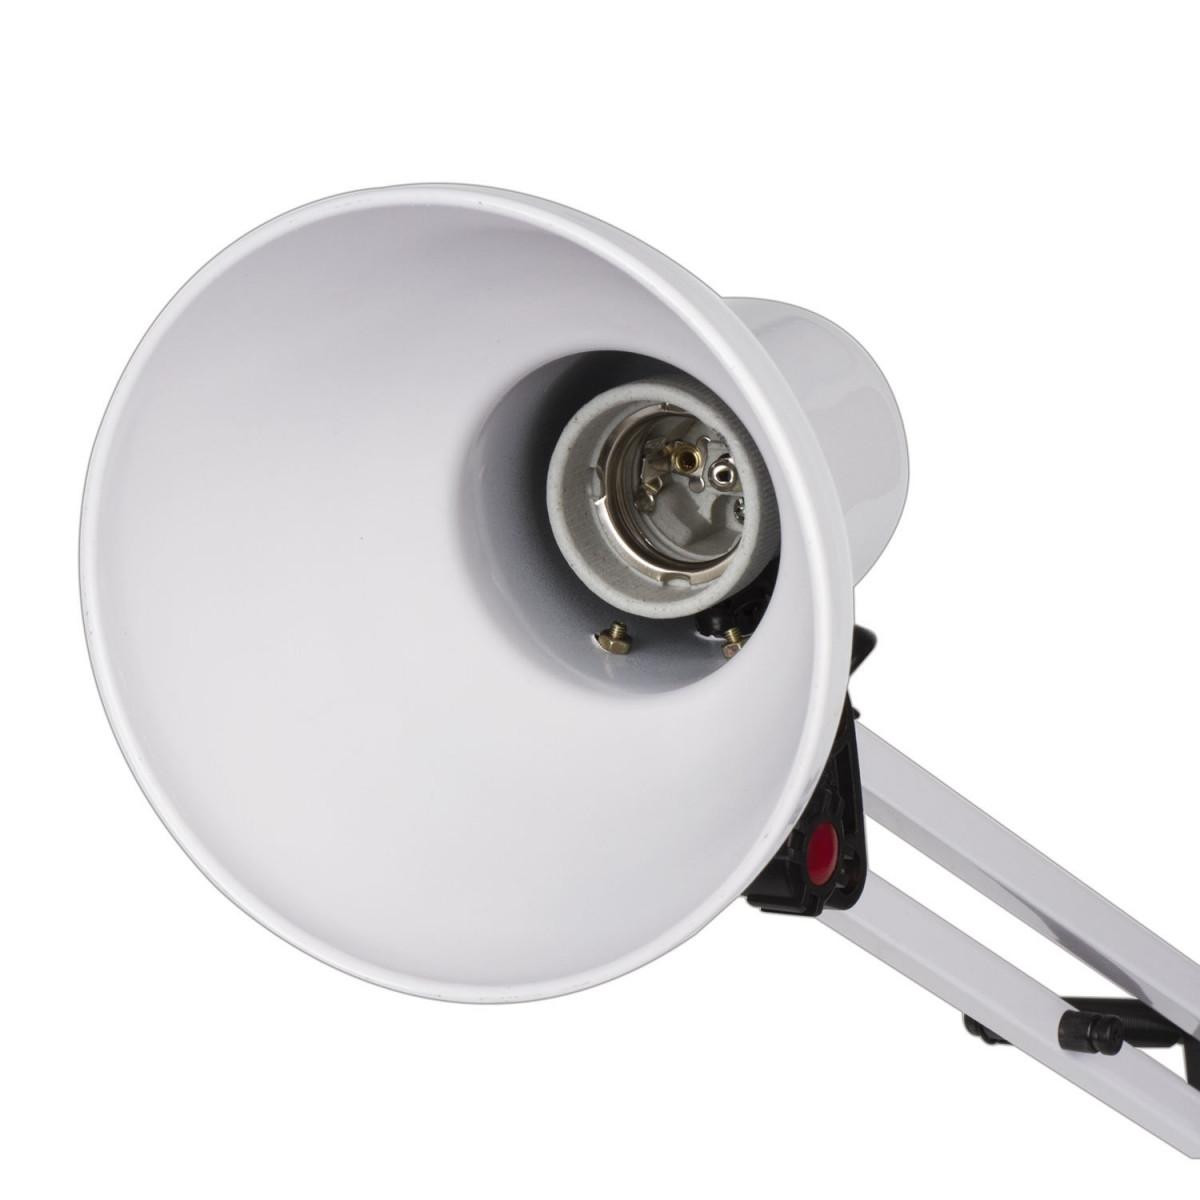 Светильник настольный SONNEN TL-007, на подставке + струбцина, 40 Вт, Е27, БЕЛЫЙ, высота 60 см, 235539 (арт. 235539)